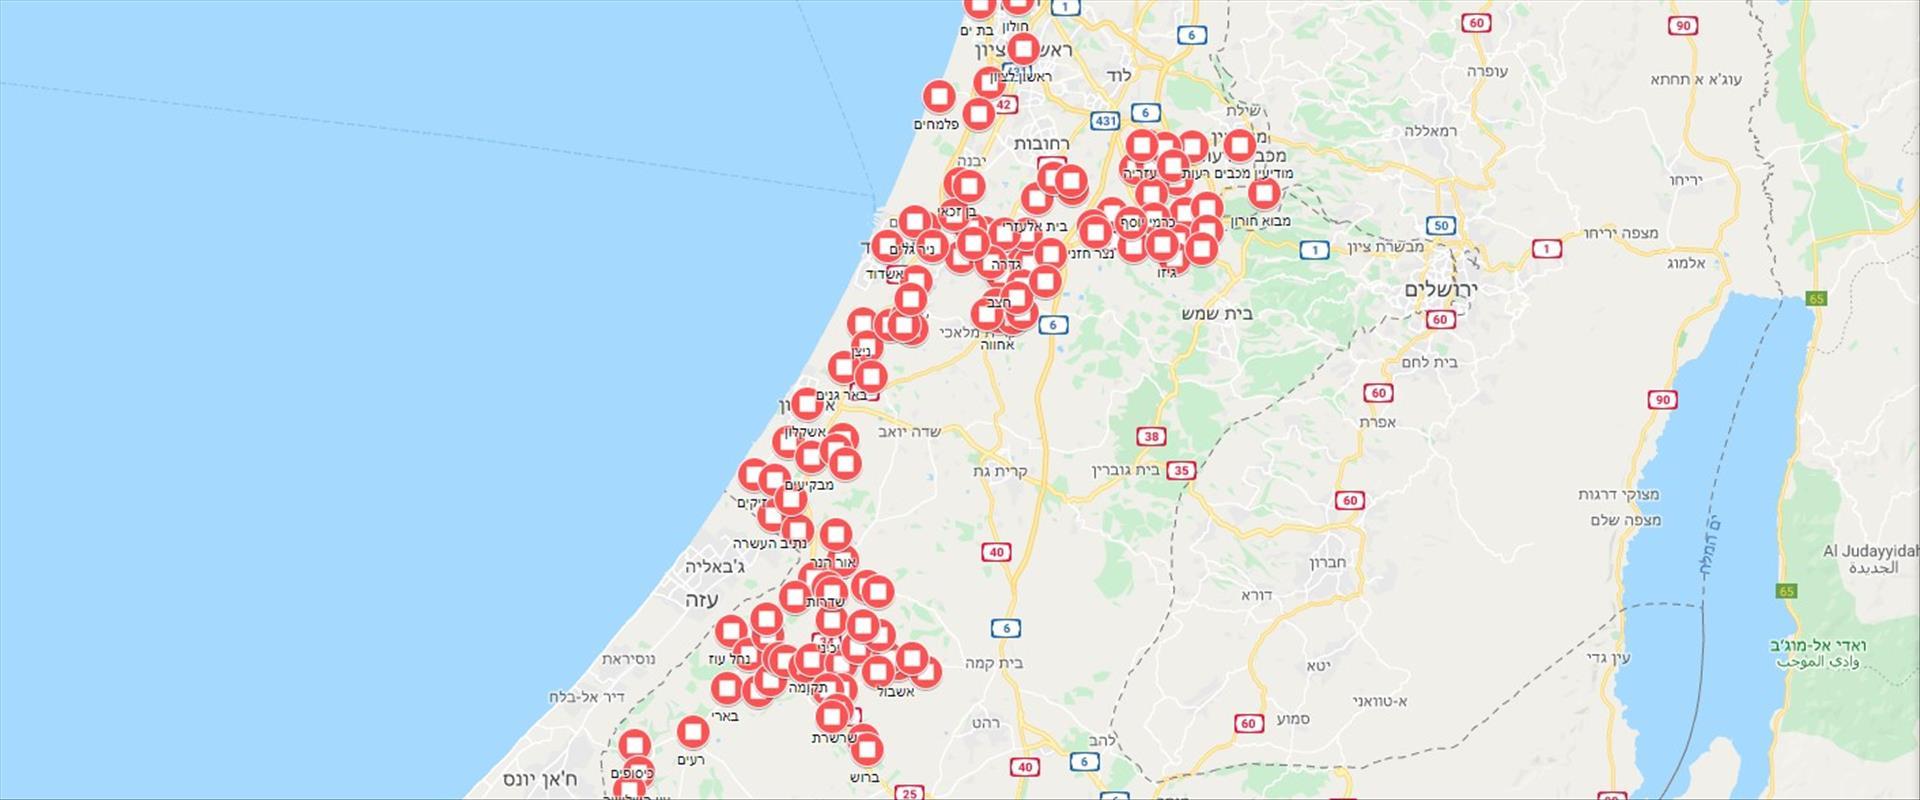 המפה המתעדכנת